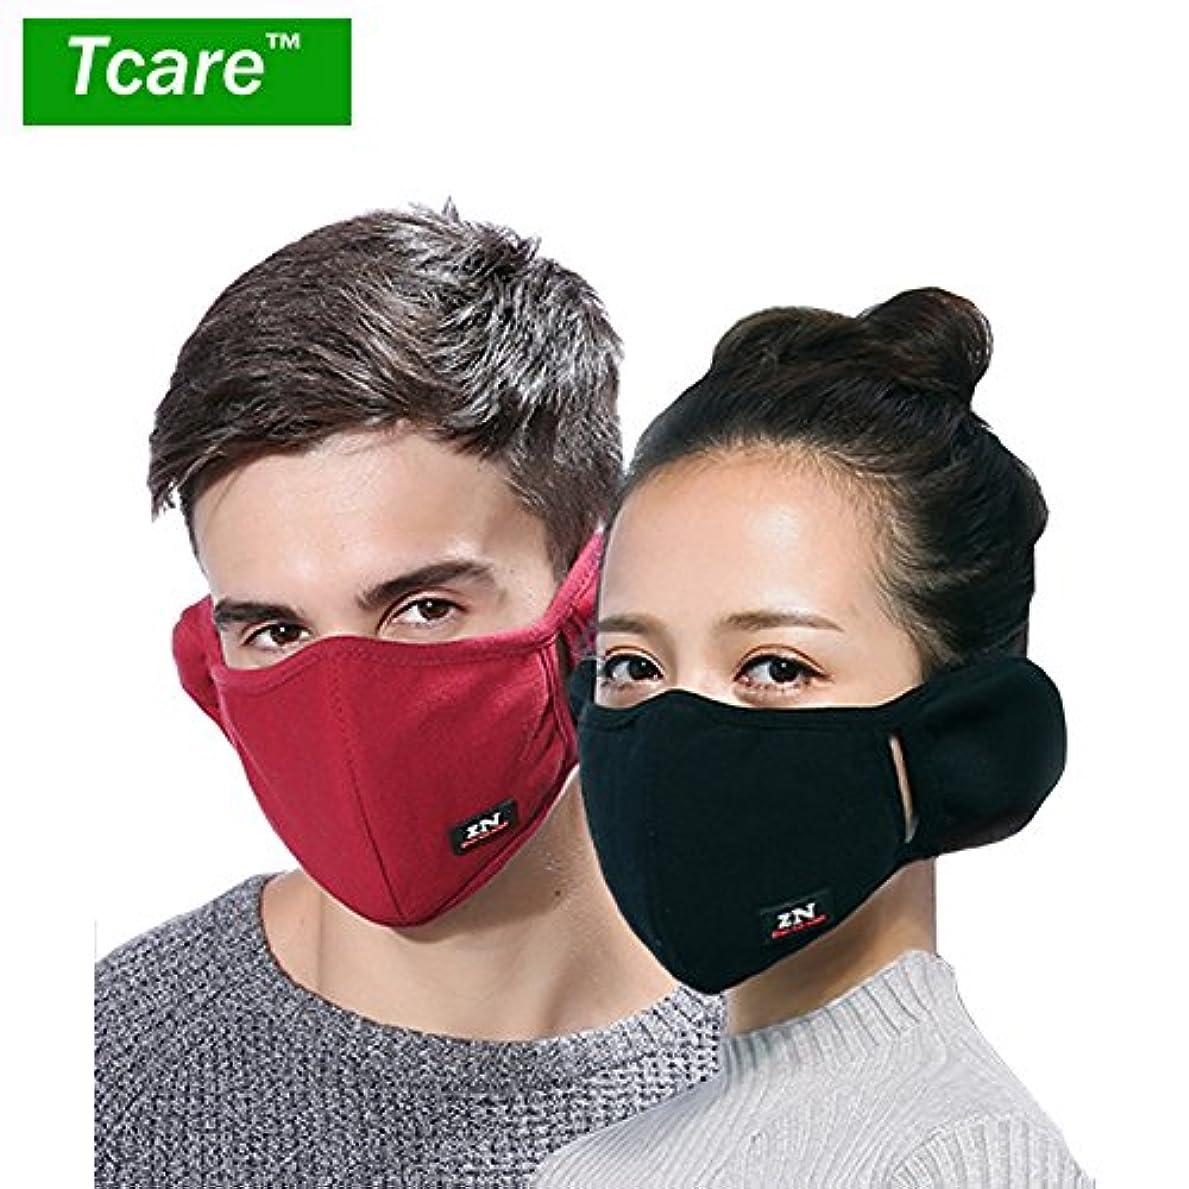 レジ繊維火山学男性女性の少年少女のためのTcare呼吸器2レイヤピュアコットン保護フィルター挿入口:6ピンク